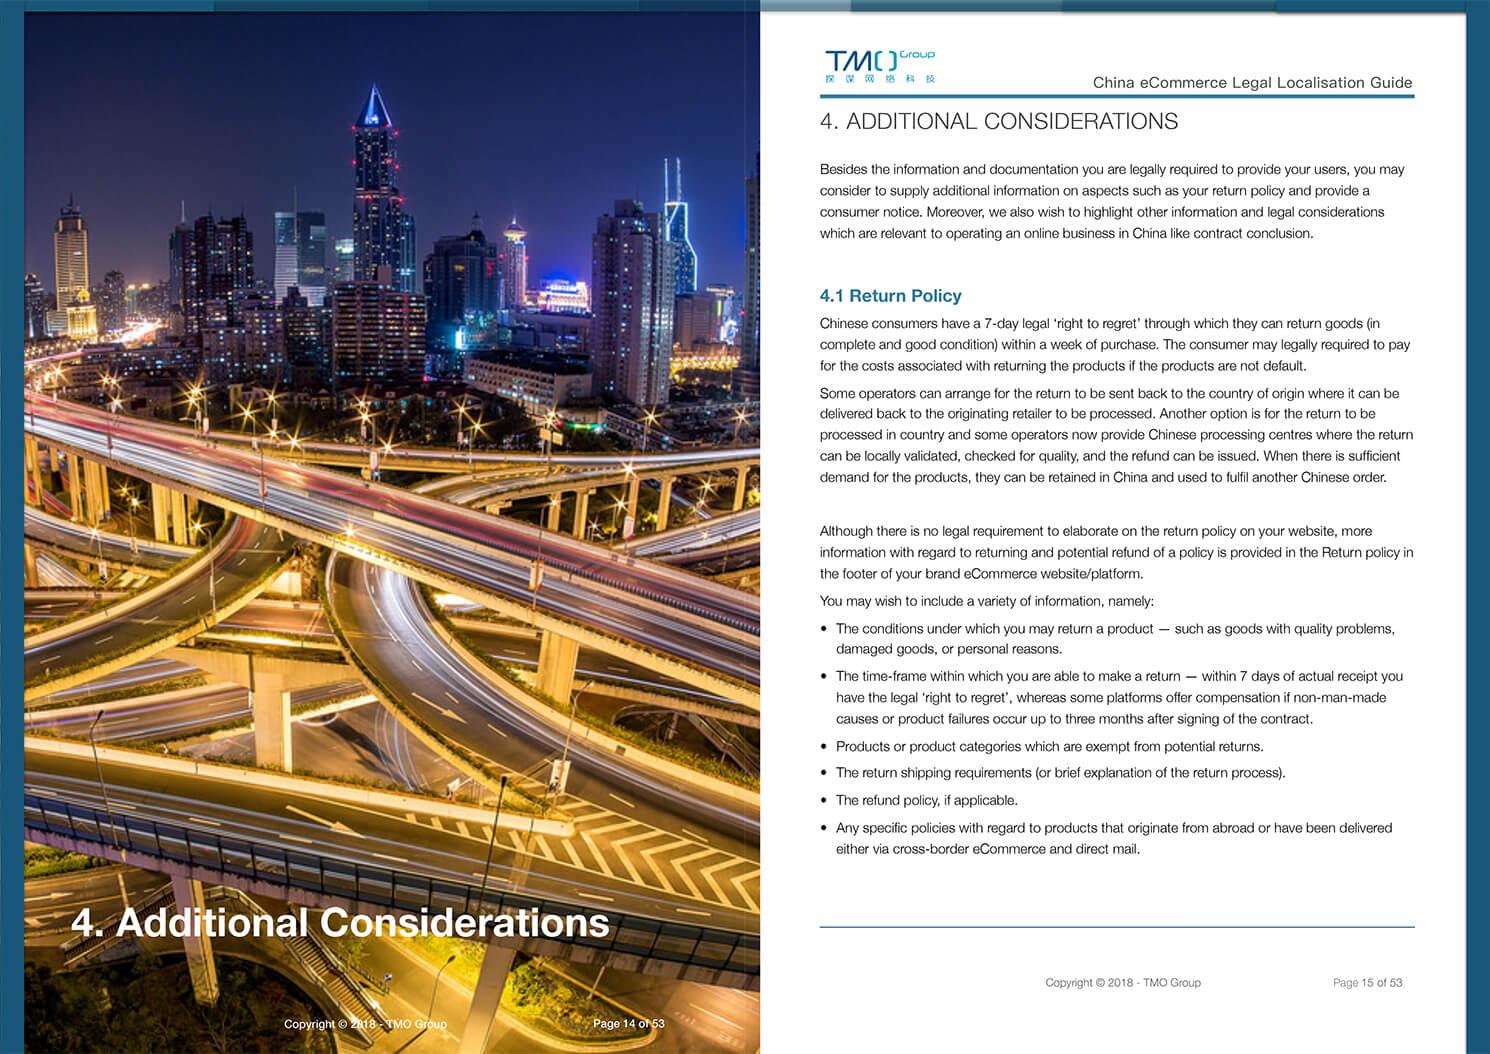 中国电子商务法律文本本地化指南1